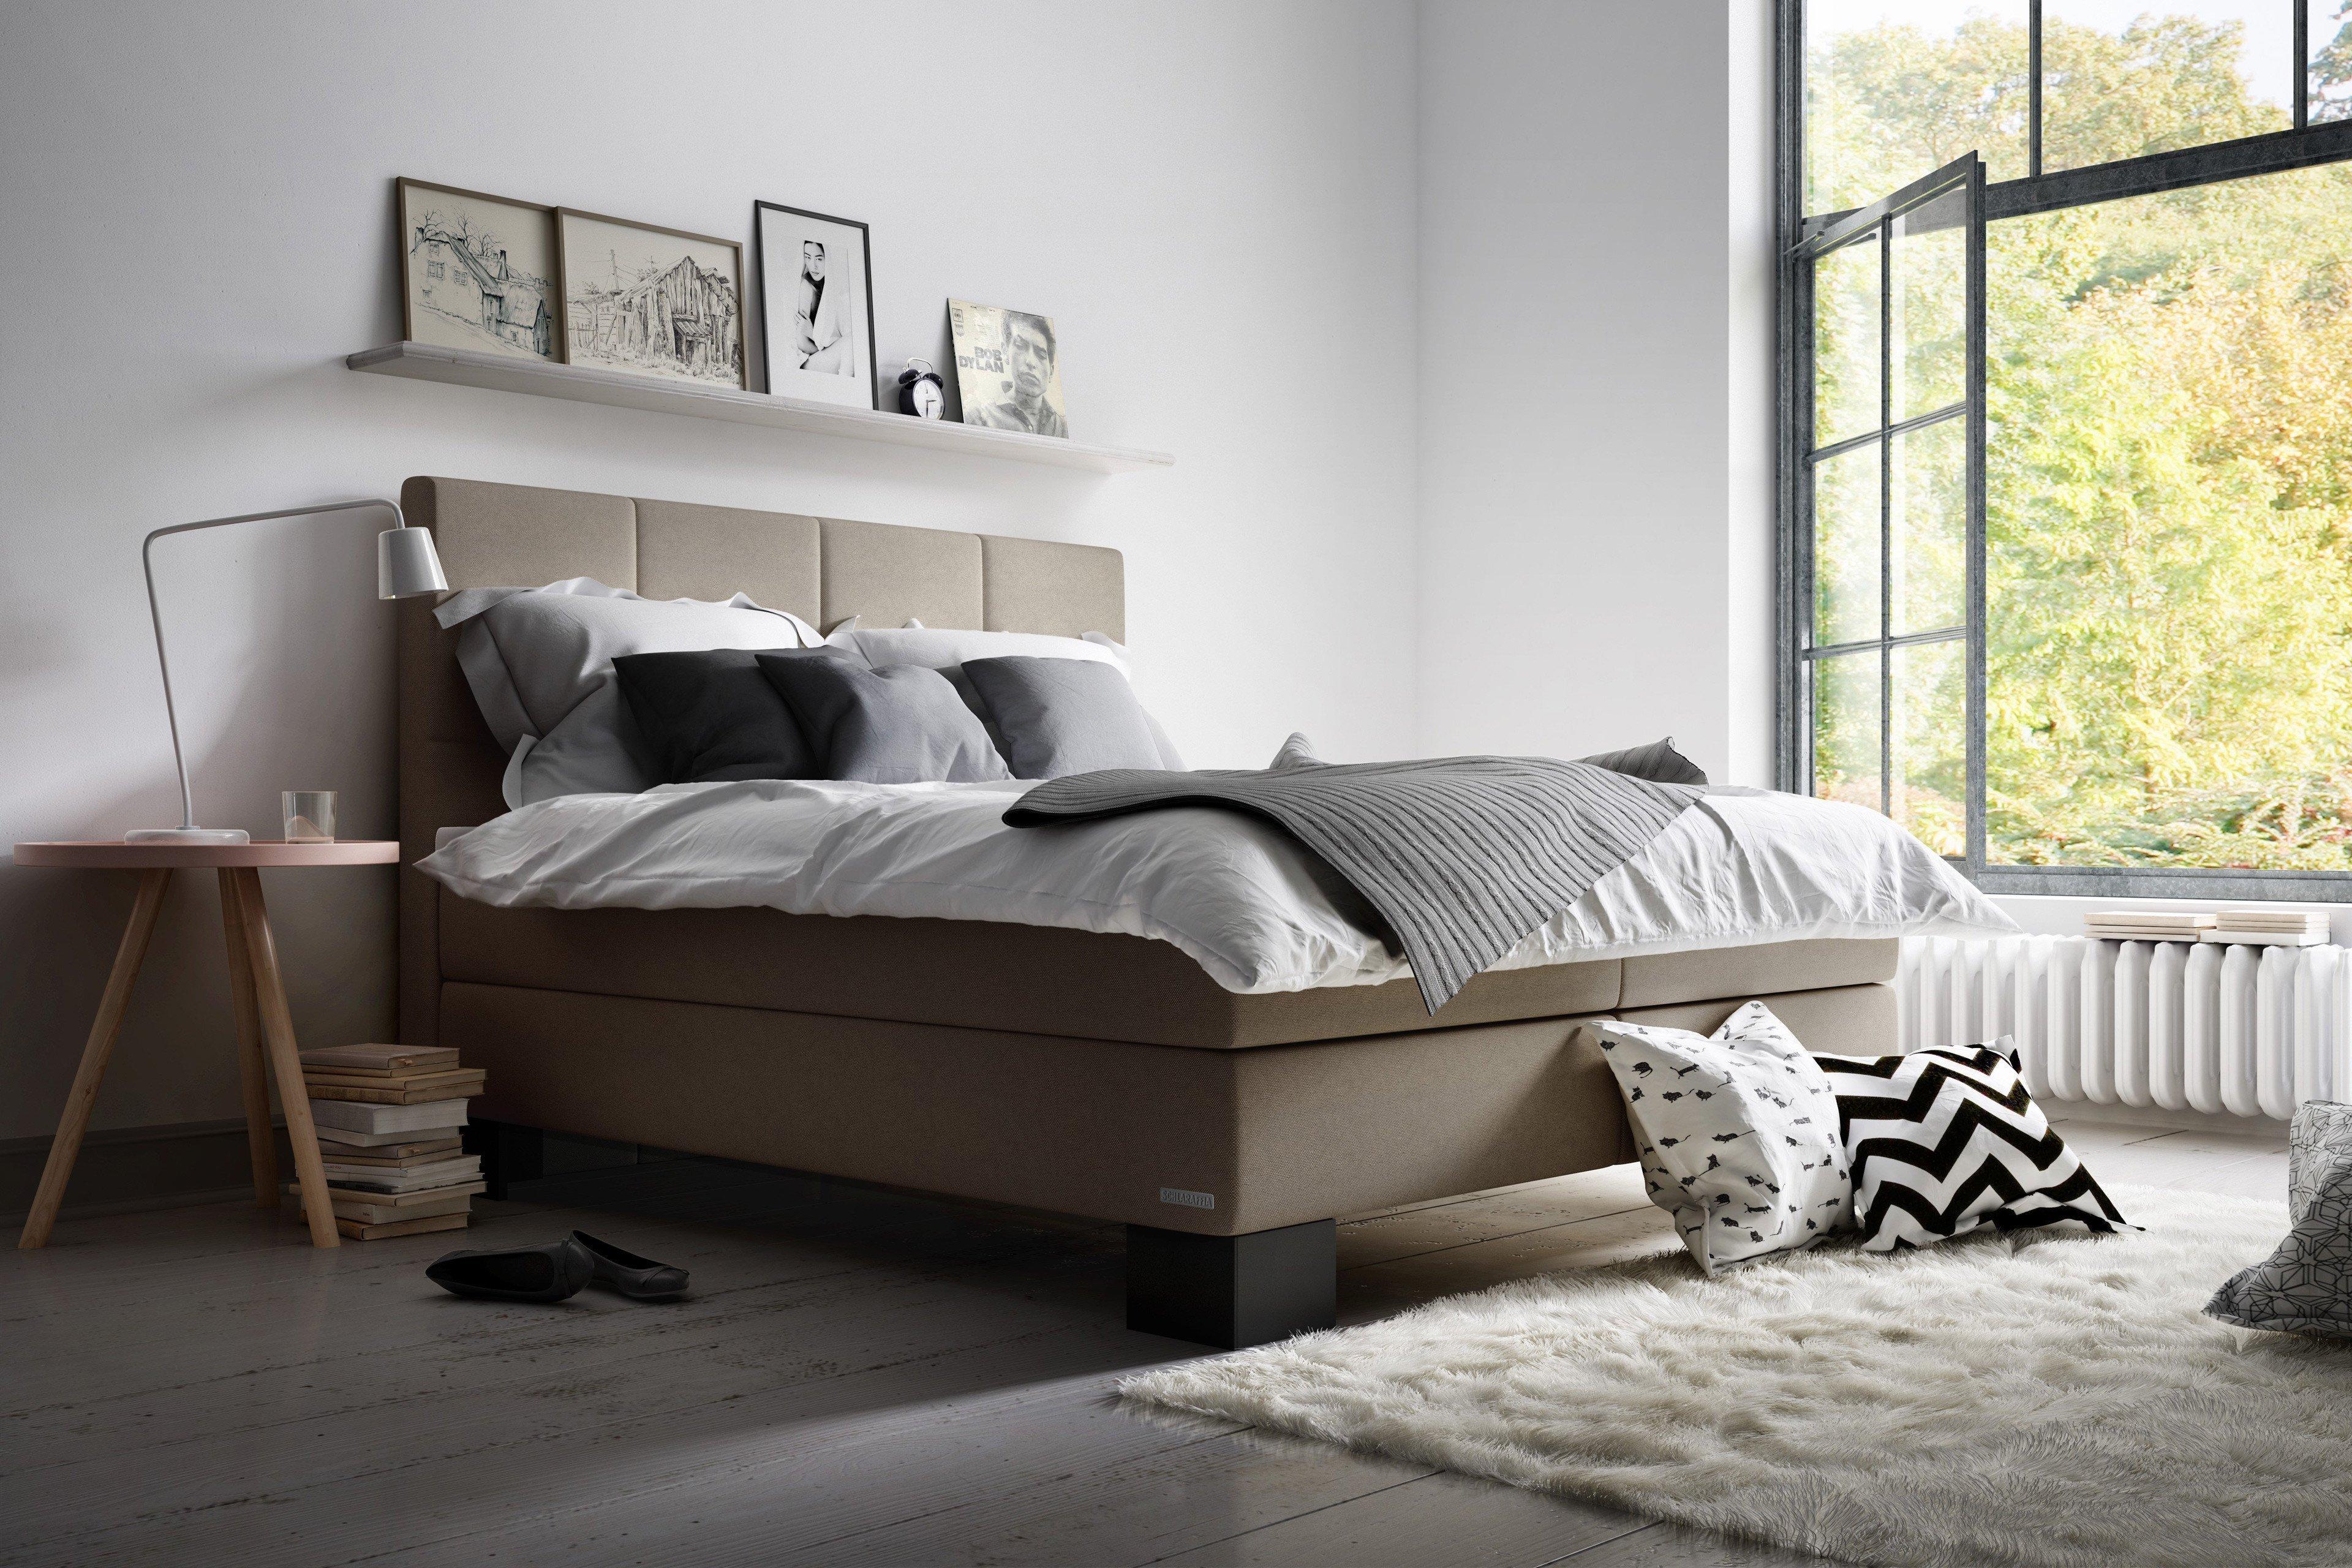 boxspringbett sagas von schlaraffia in sand m bel letz. Black Bedroom Furniture Sets. Home Design Ideas